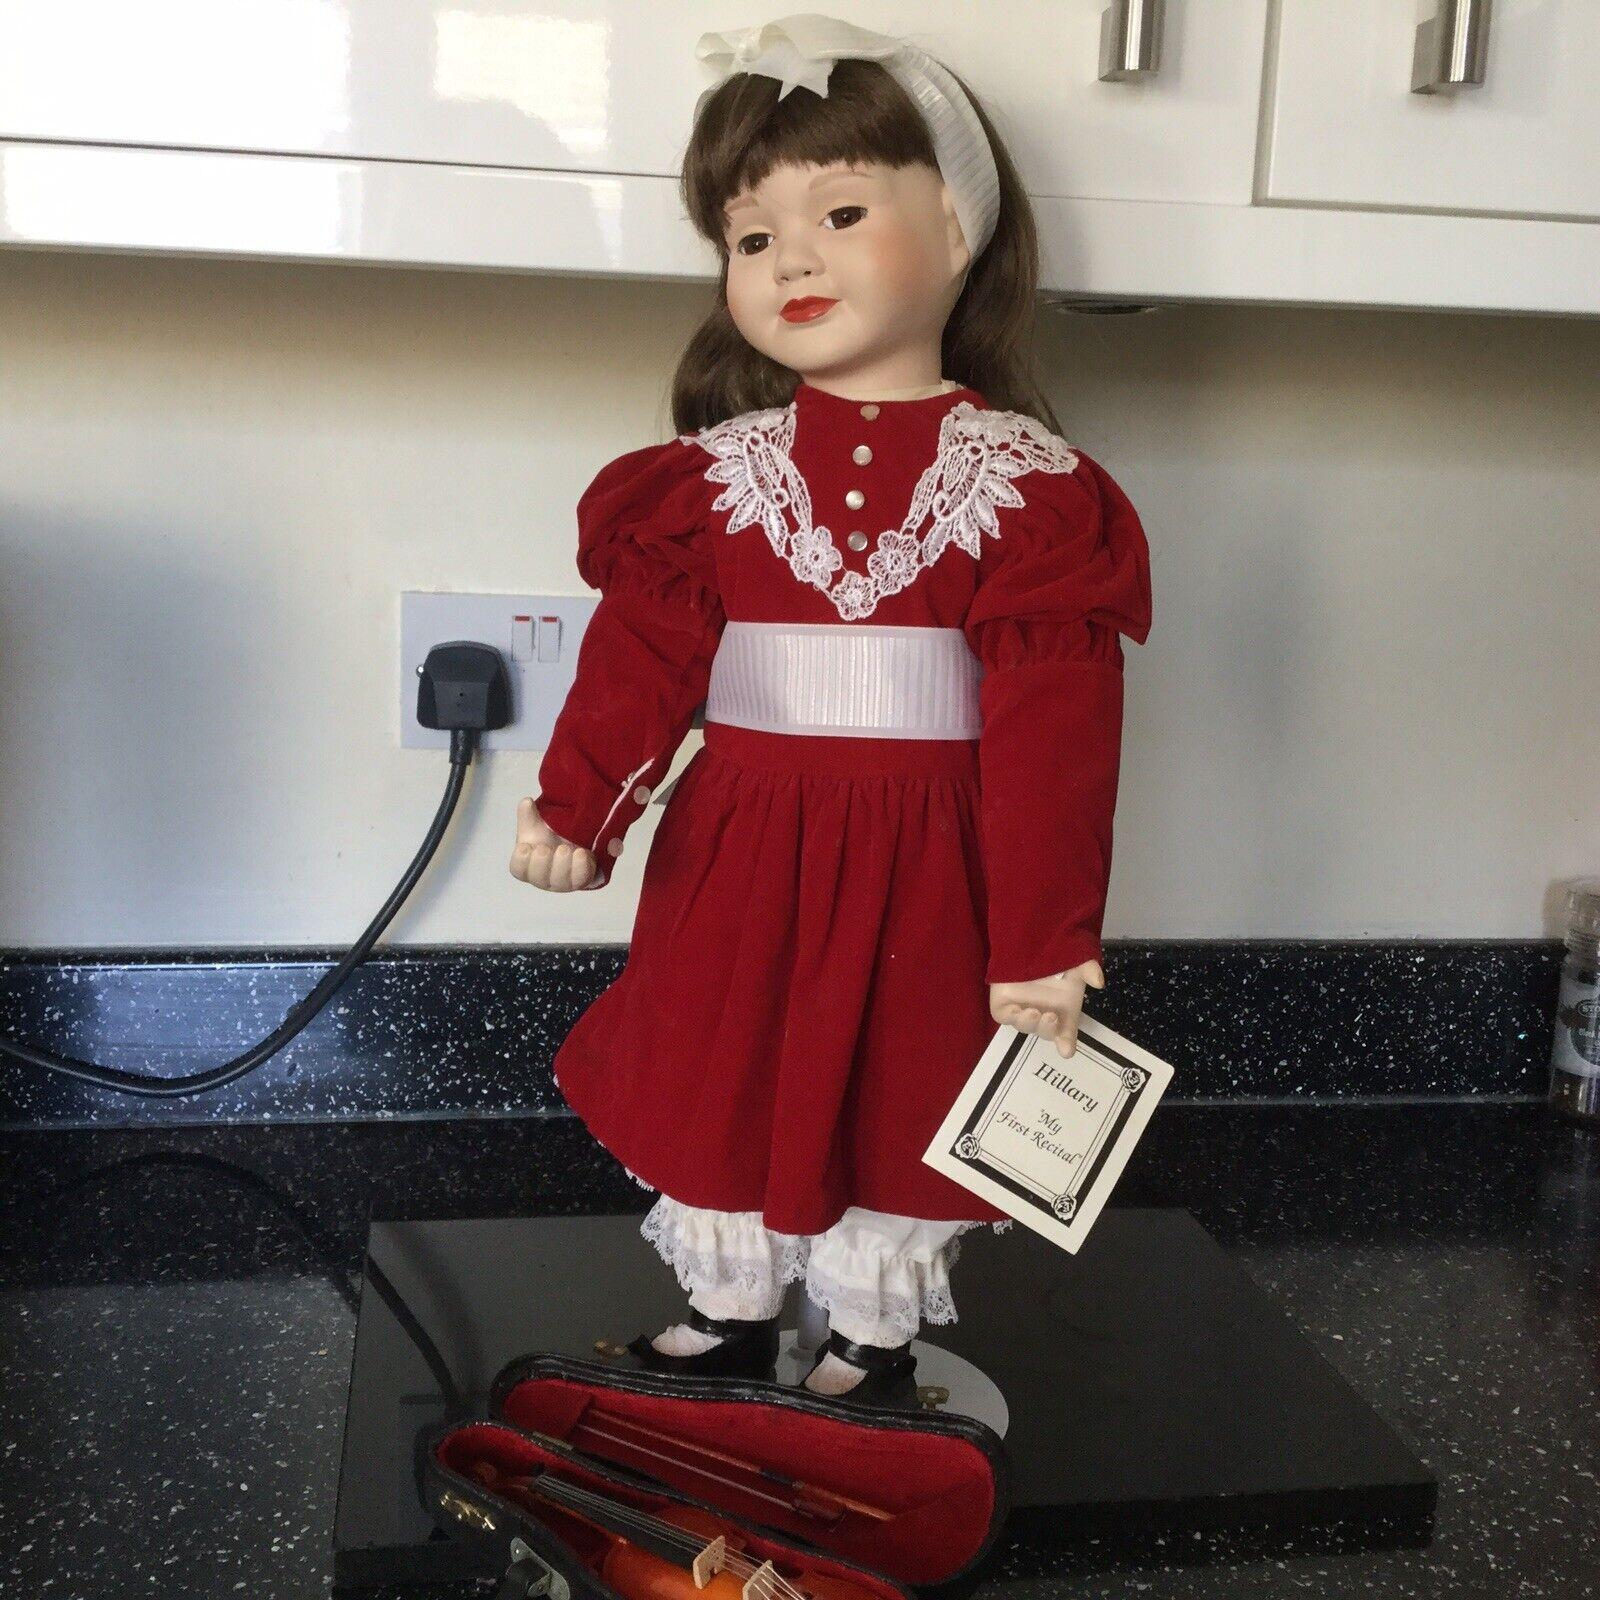 VINTAGE HAMILTON Heritage Collection  Bisque Bambola di PORCELLANA-Hillary 1st considereo  tutti i prodotti ottengono fino al 34% di sconto